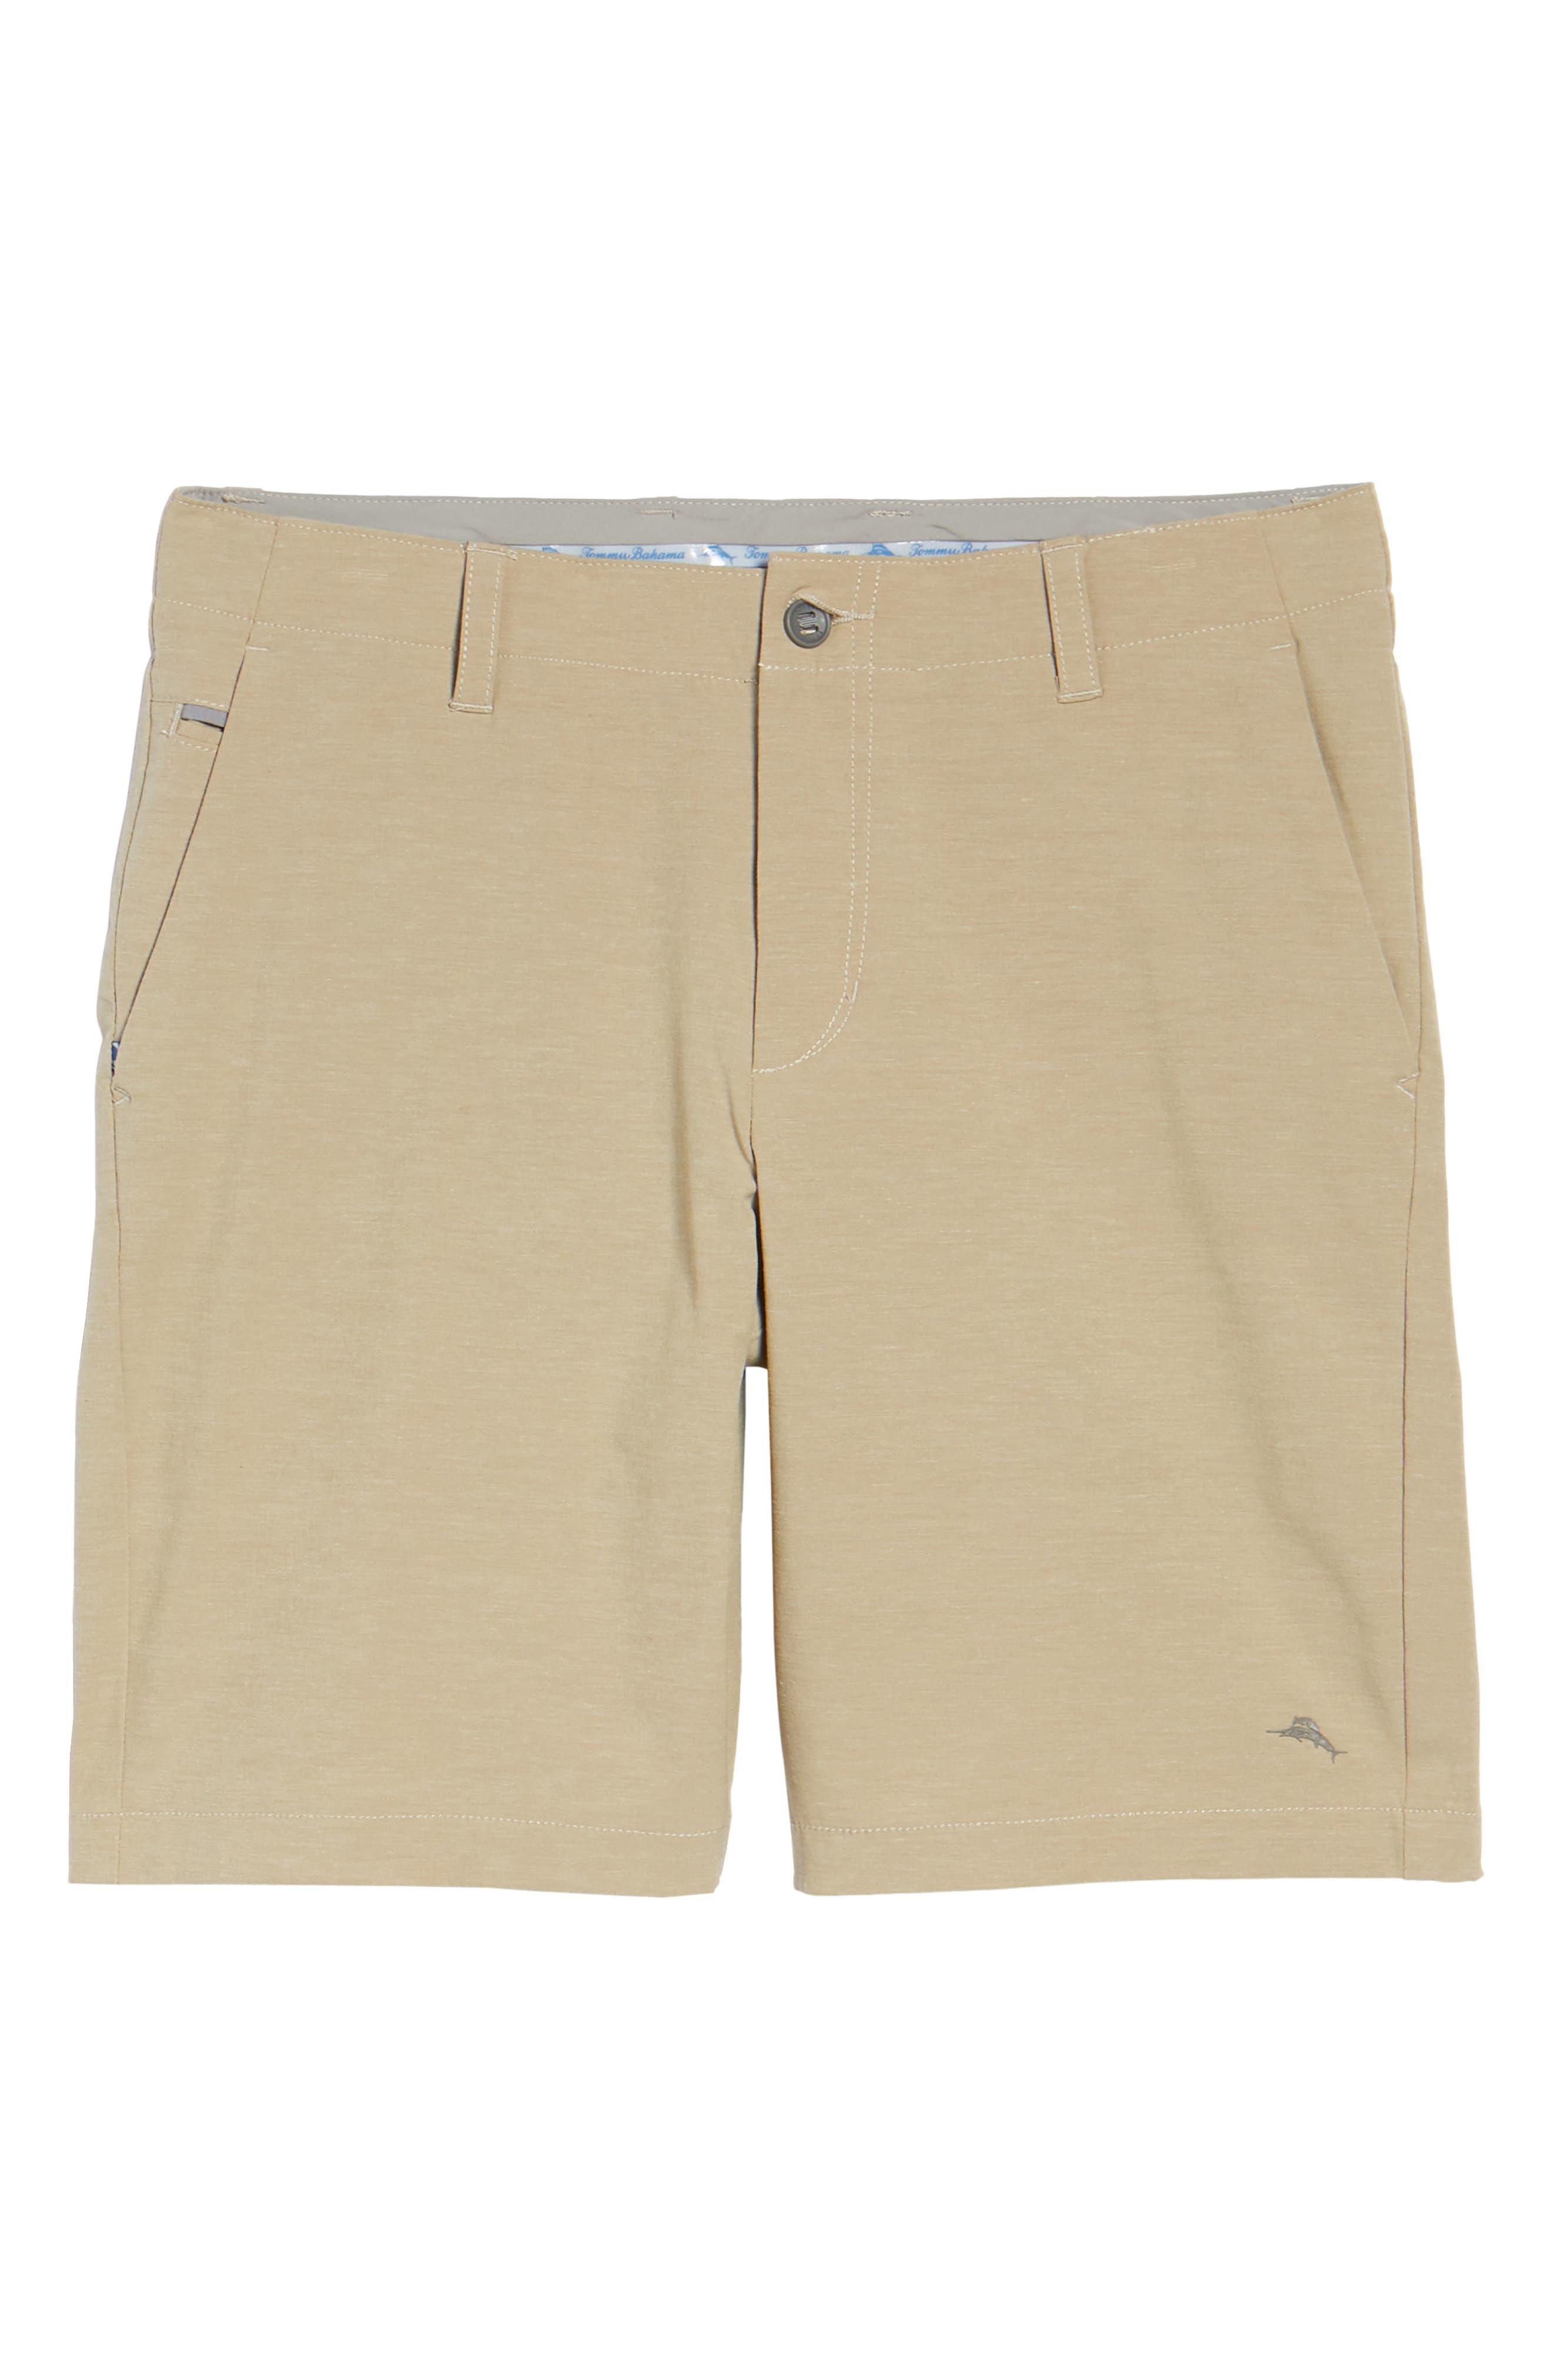 Chip & Run Shorts,                             Alternate thumbnail 6, color,                             STONE KHAKI